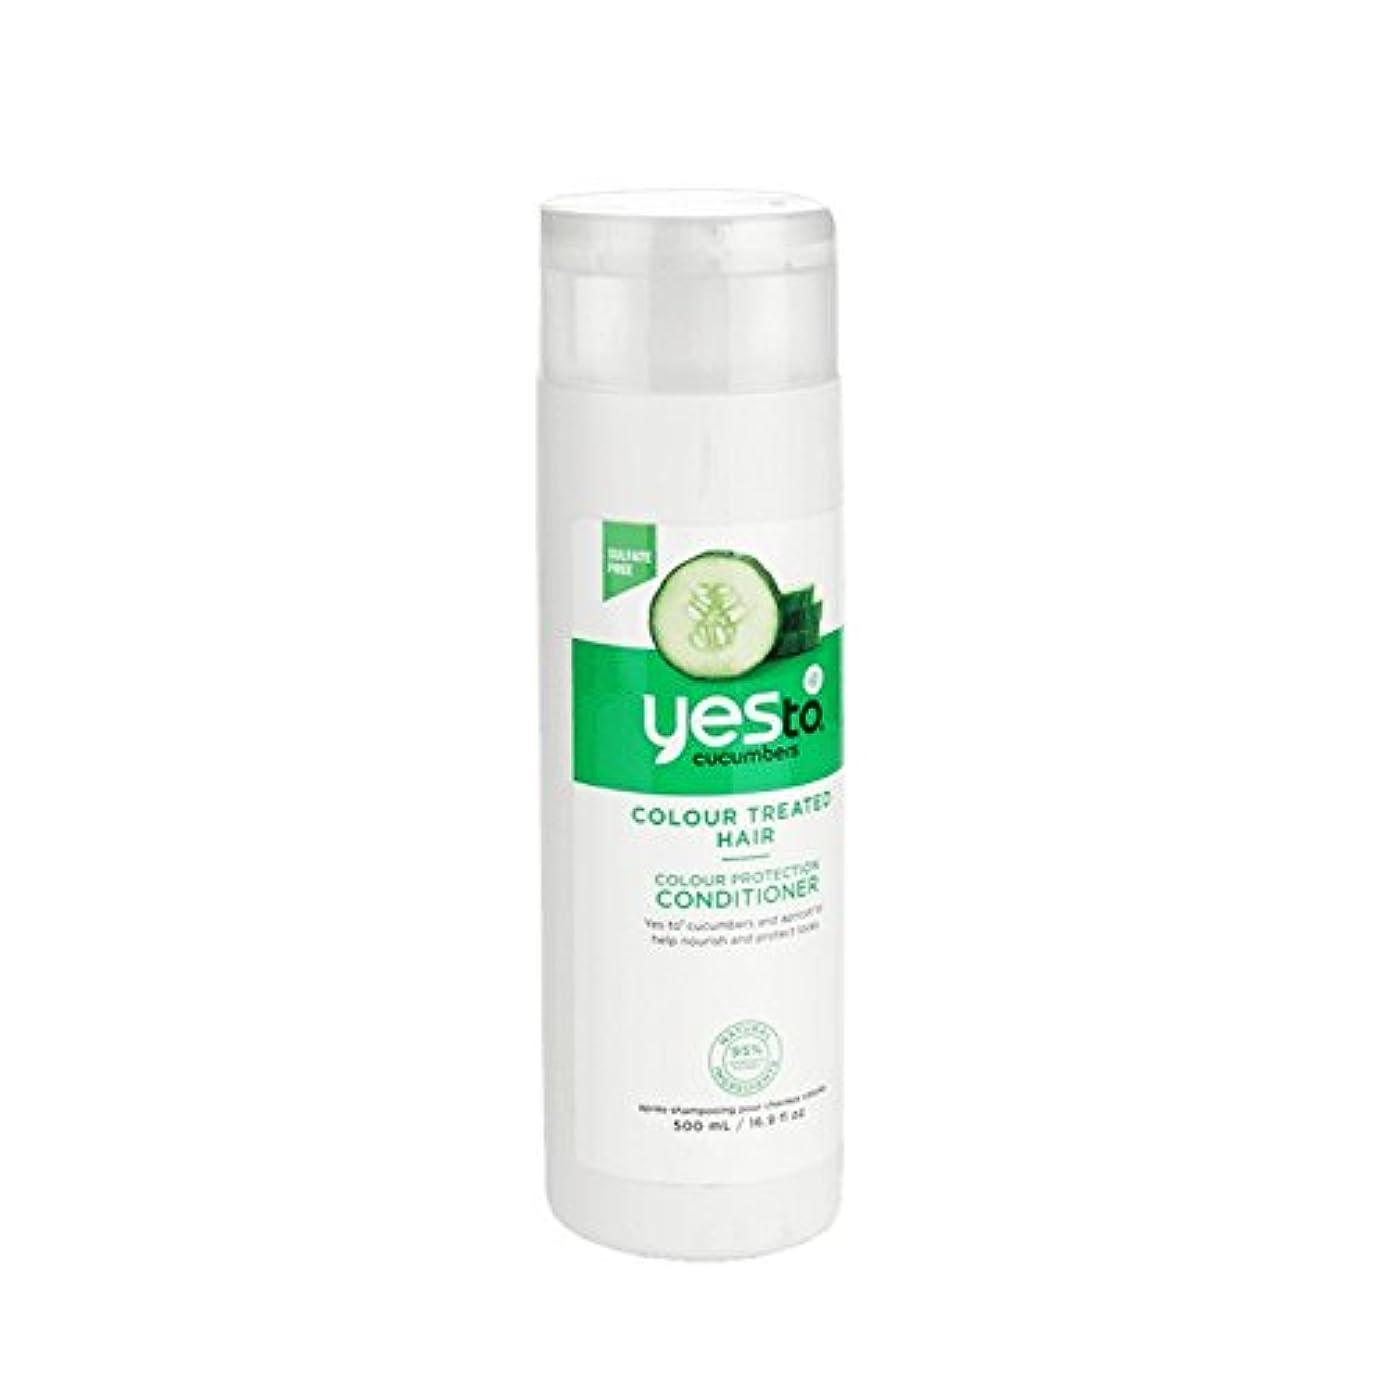 付録発音するイライラするはいキュウリの色の保護コンディショナー500ミリリットルへ - Yes To Cucumbers Colour Protection Conditioner 500ml (Yes To) [並行輸入品]